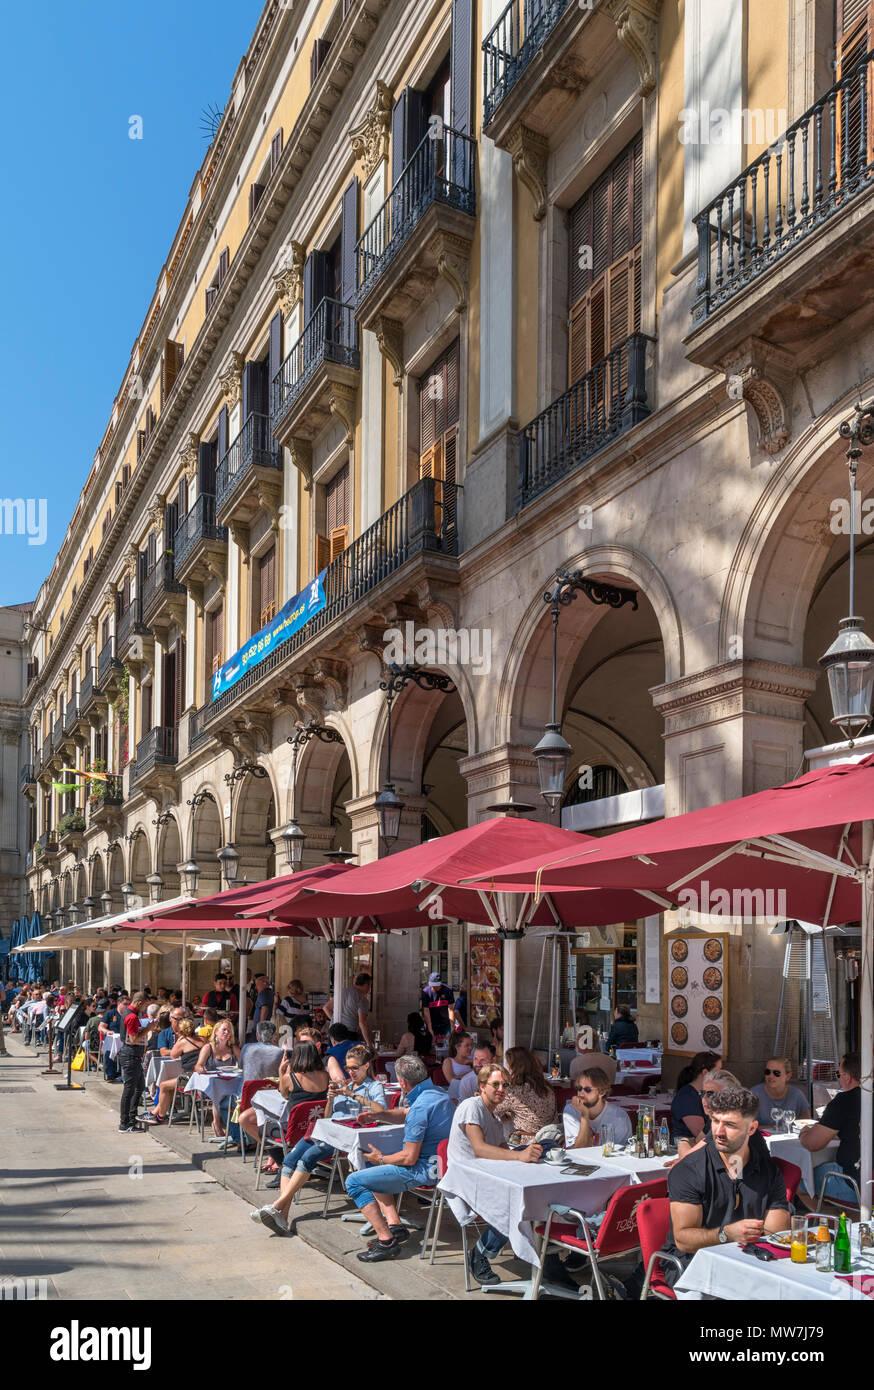 Plaça Reial in Barcelona. Touristen außerhalb ein Cafe auf der Plaça Reial, Barri Gotic, Barcelona, Katalonien, Spanien. Stockbild